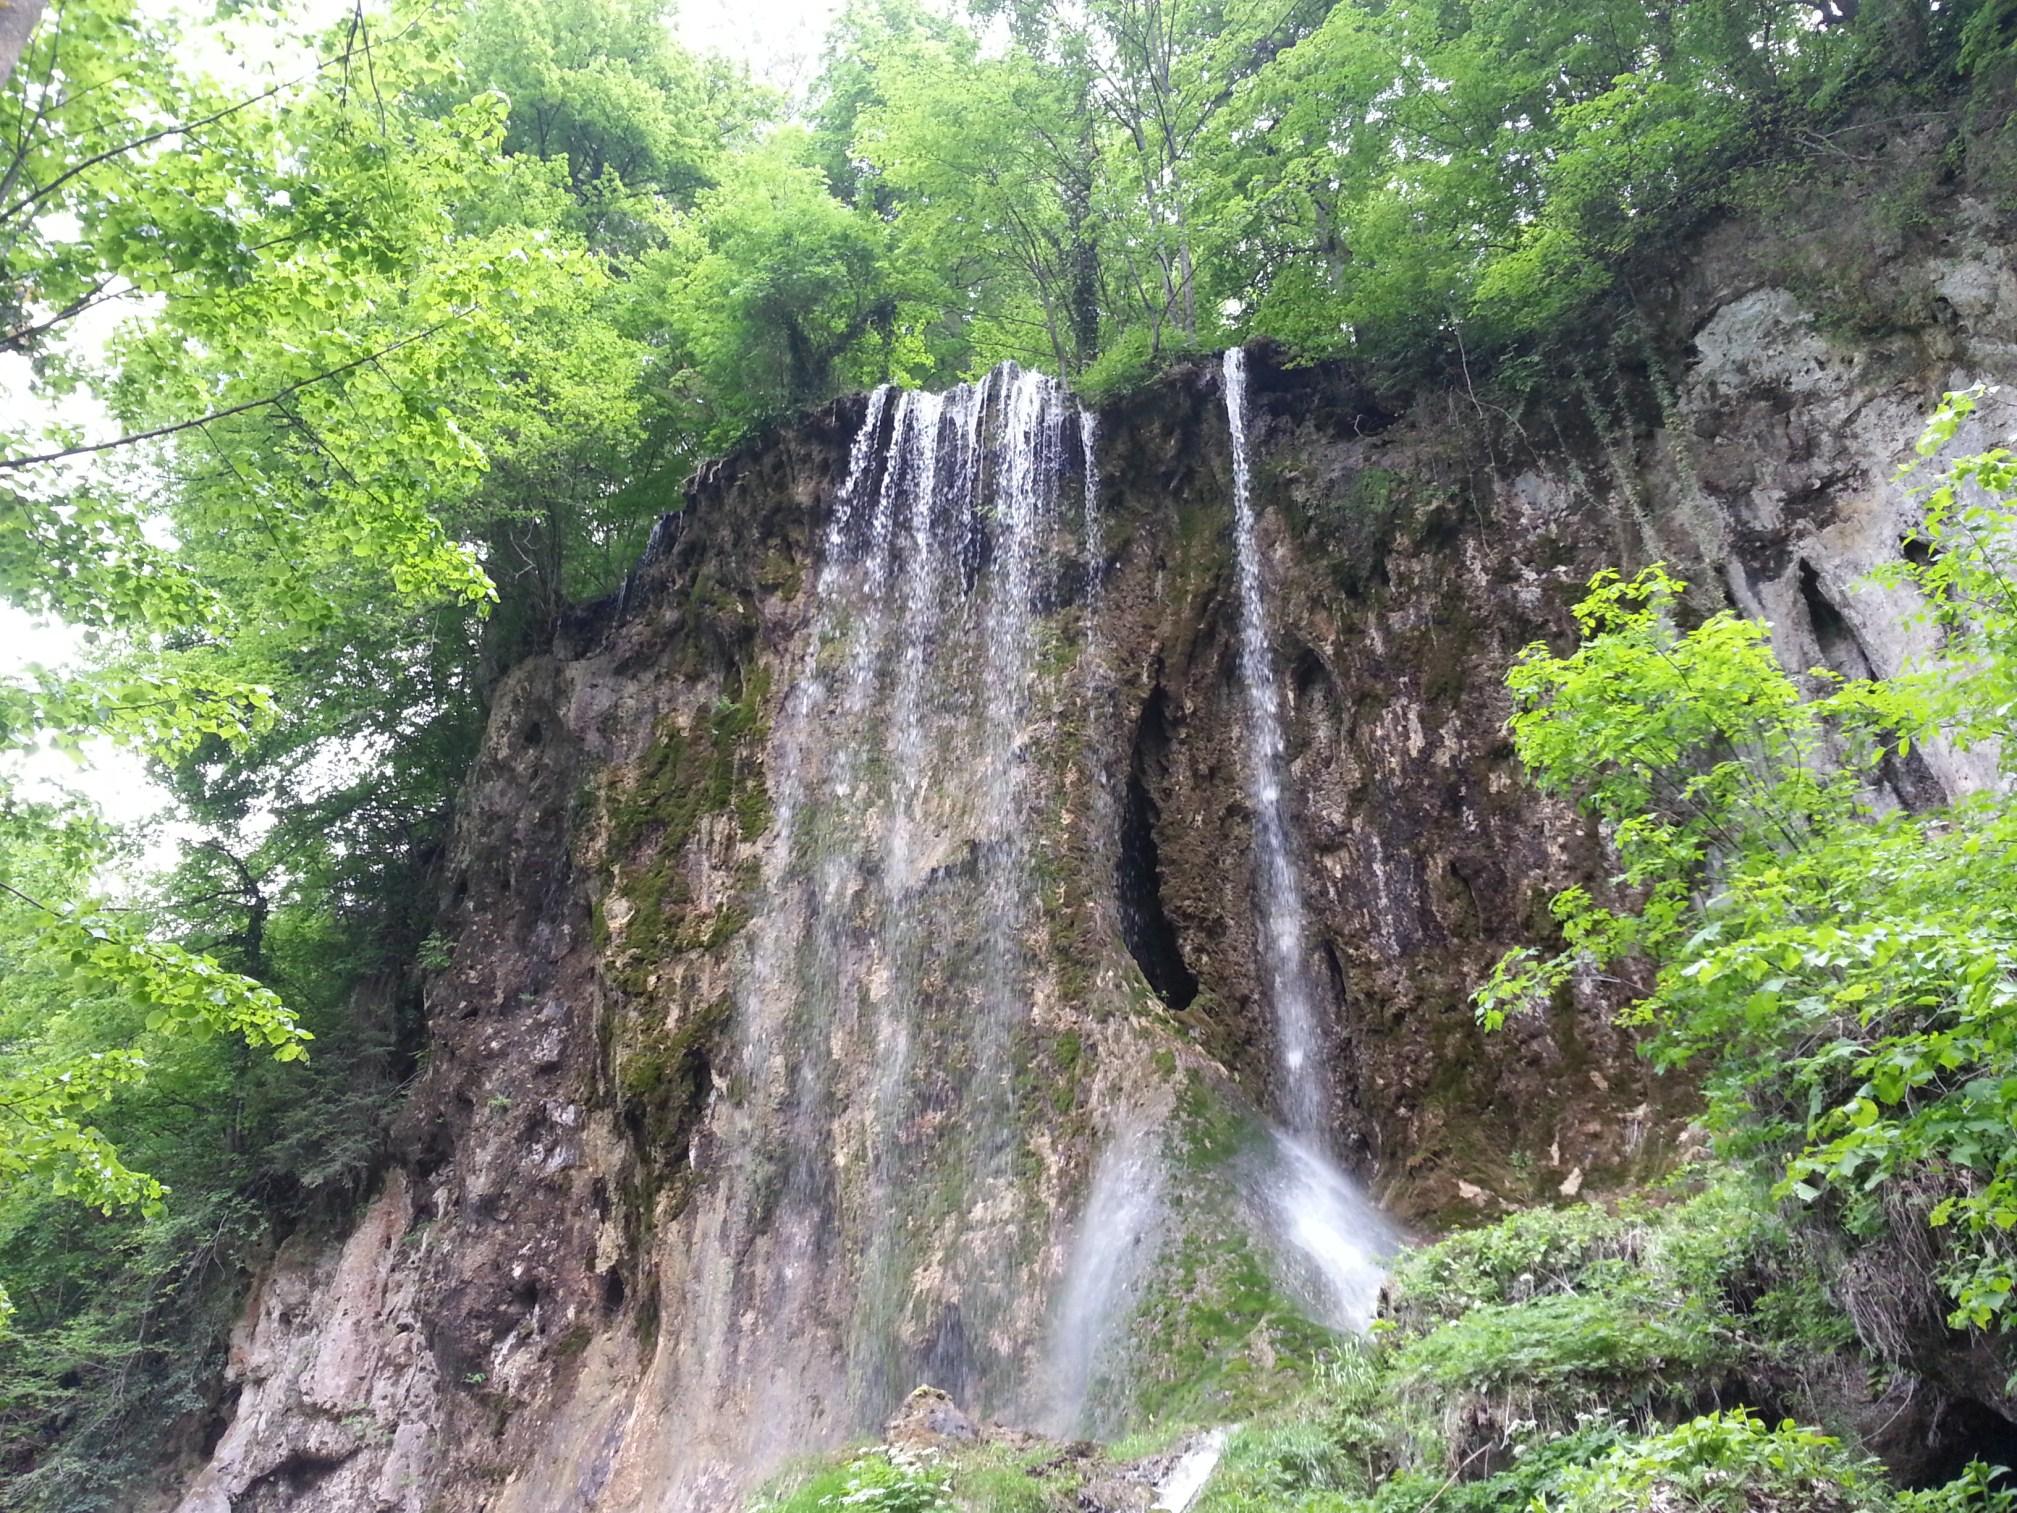 Neotkrivena zapadna Slavonija: Park prirode Papuk: izletište Jankovac